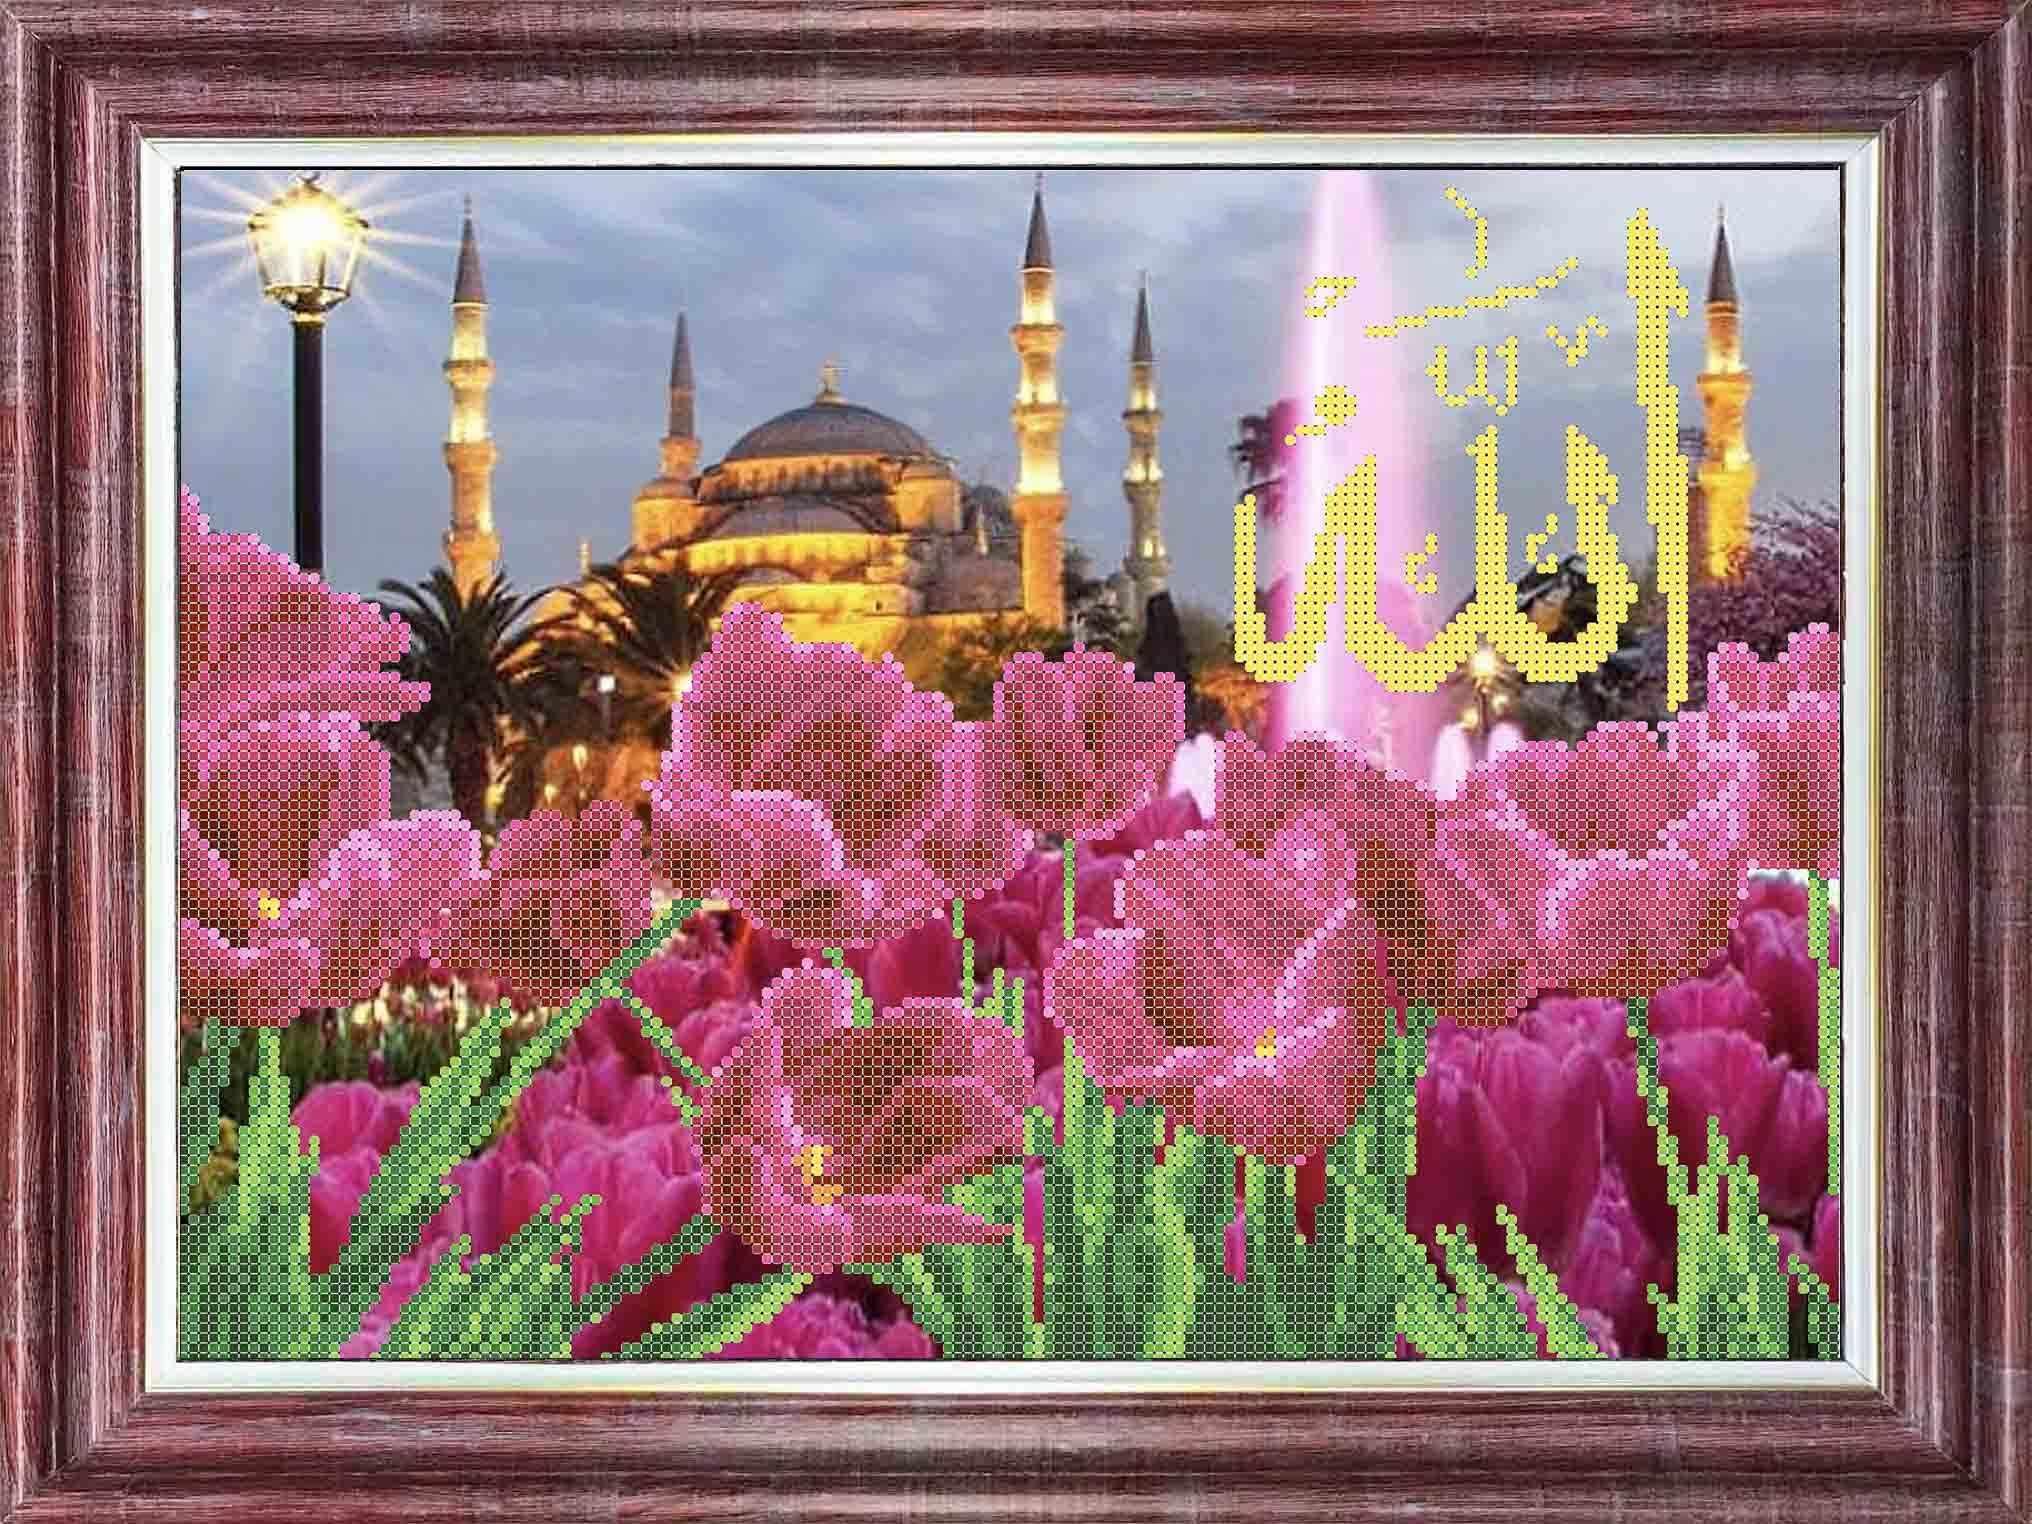 КБП 3055 Тюльпаны у голубой Мечети - схема (Каролинка)